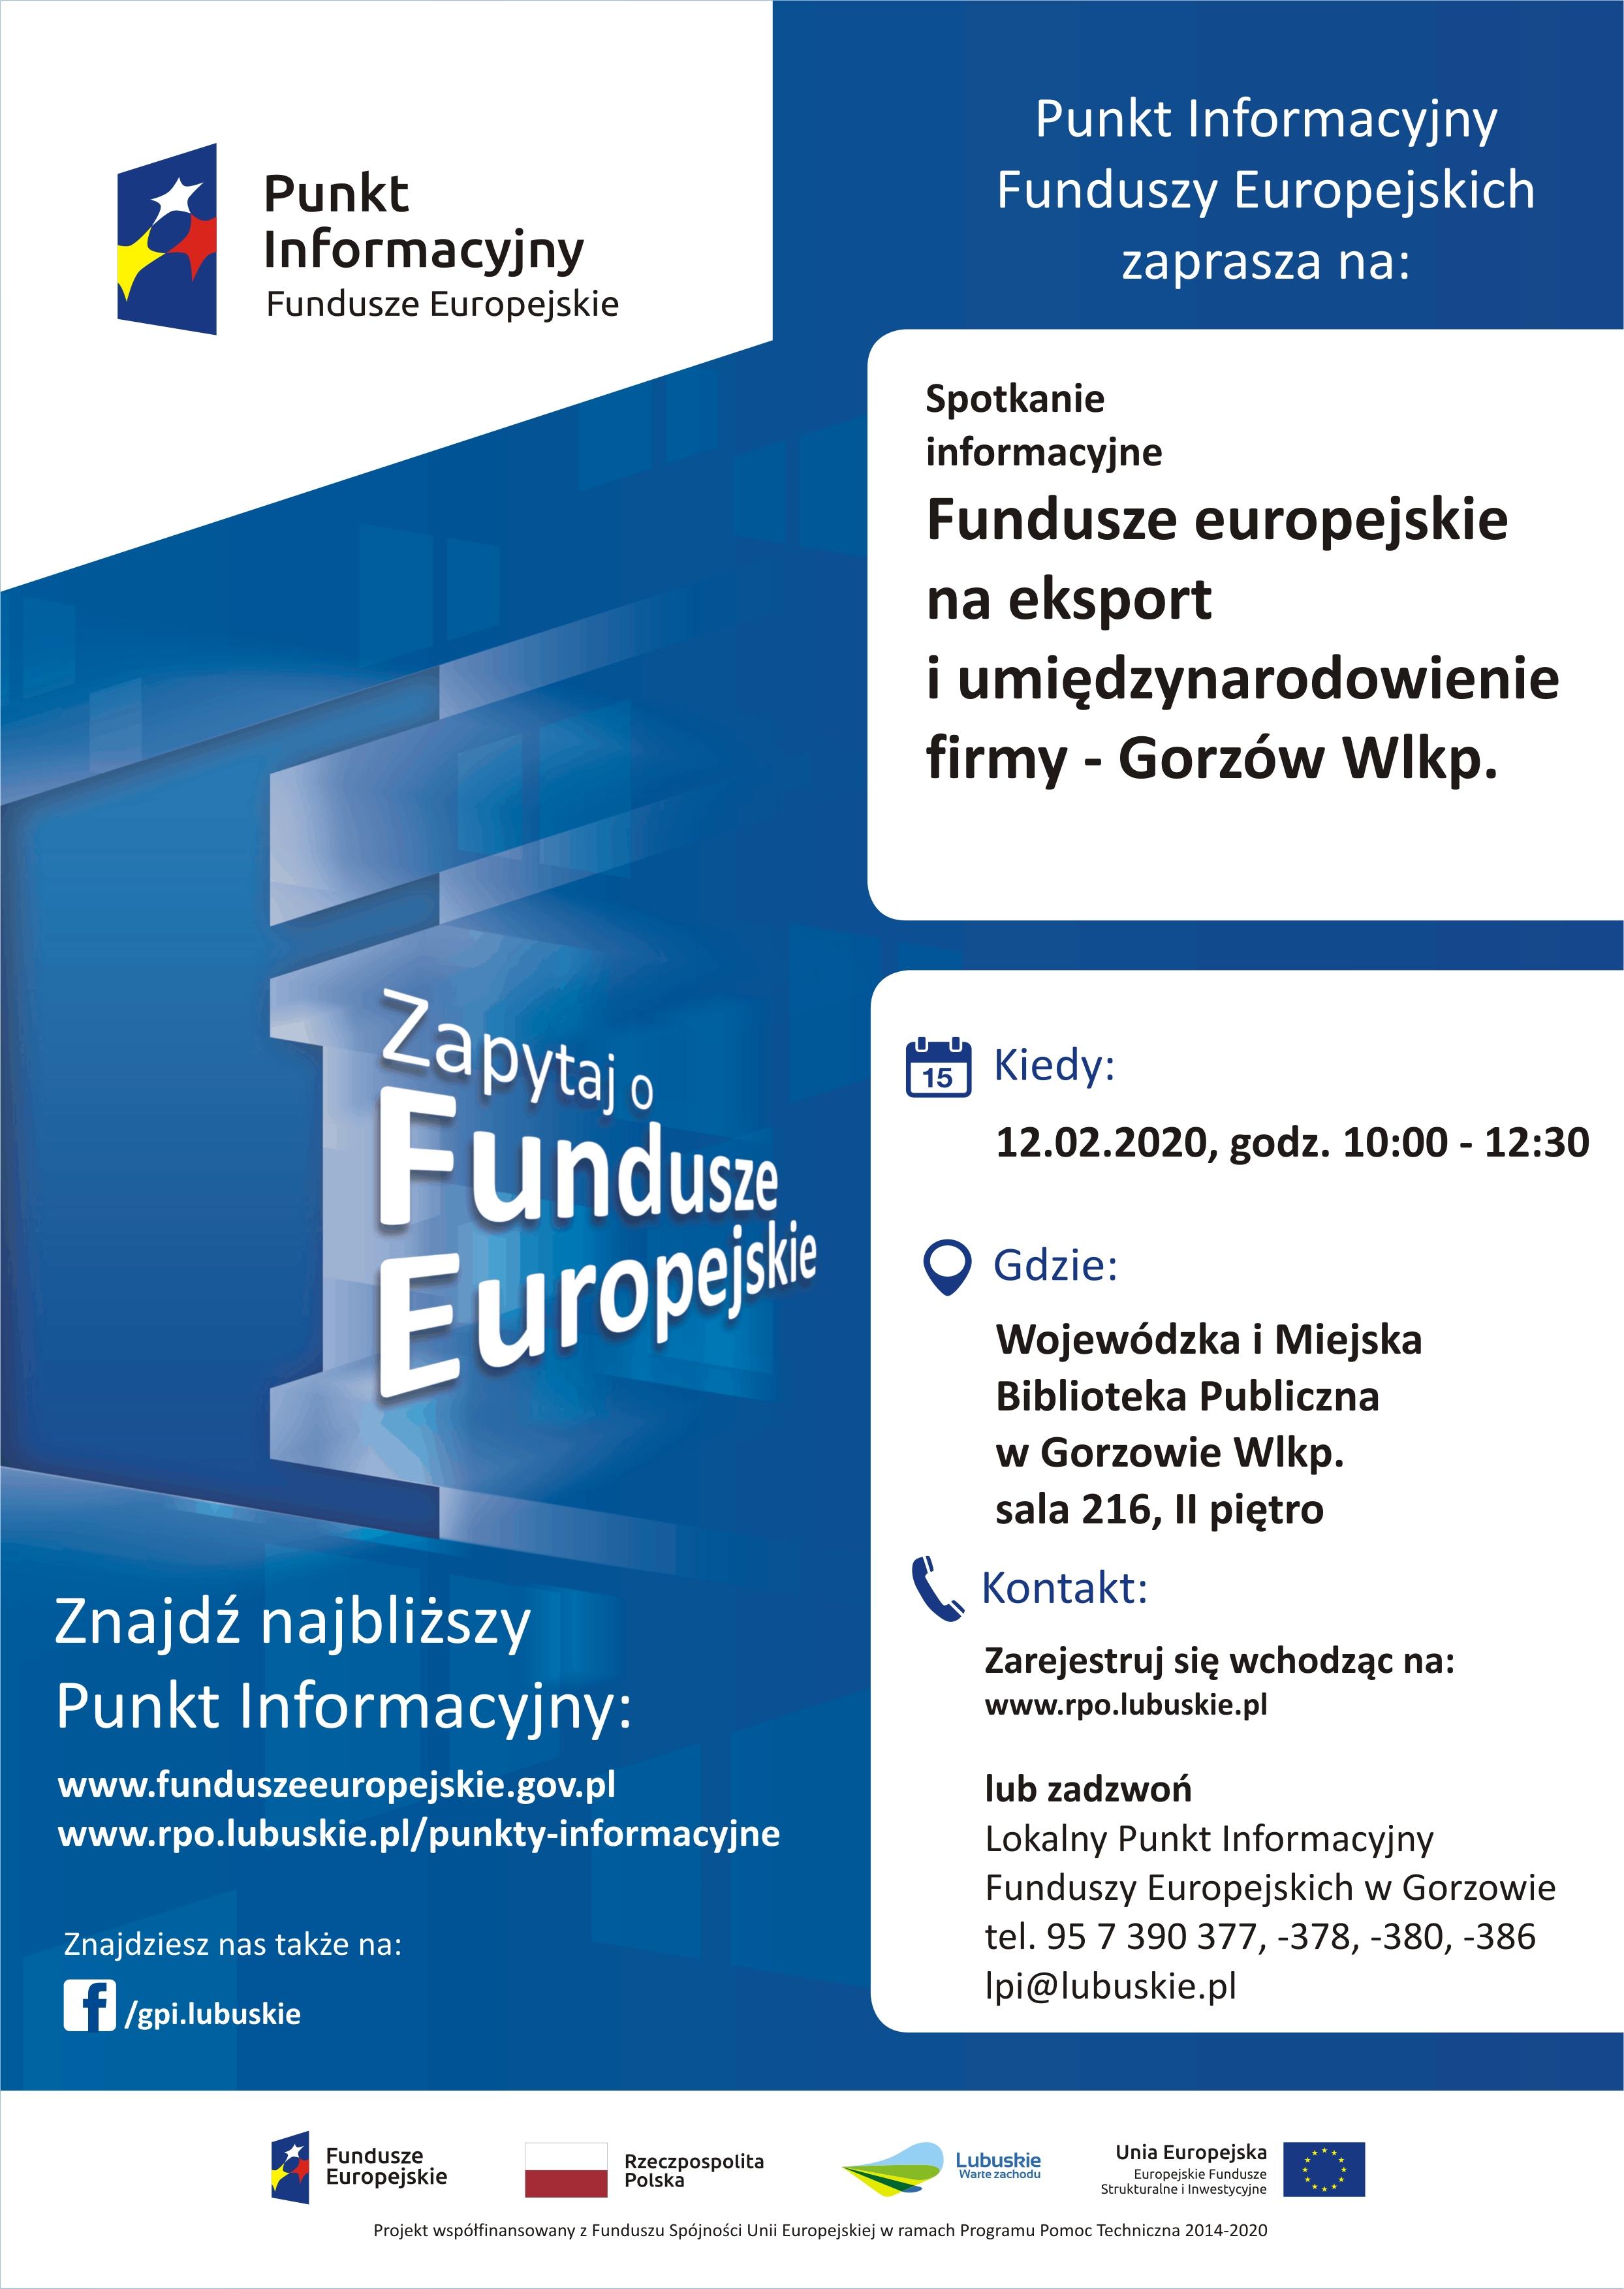 Ilustracja do informacji: Fundusze europejskie na eksport i umiędzynarodowienie firmy - spotkanie w Gorzowie Wlkp. 12.02.2020 r.